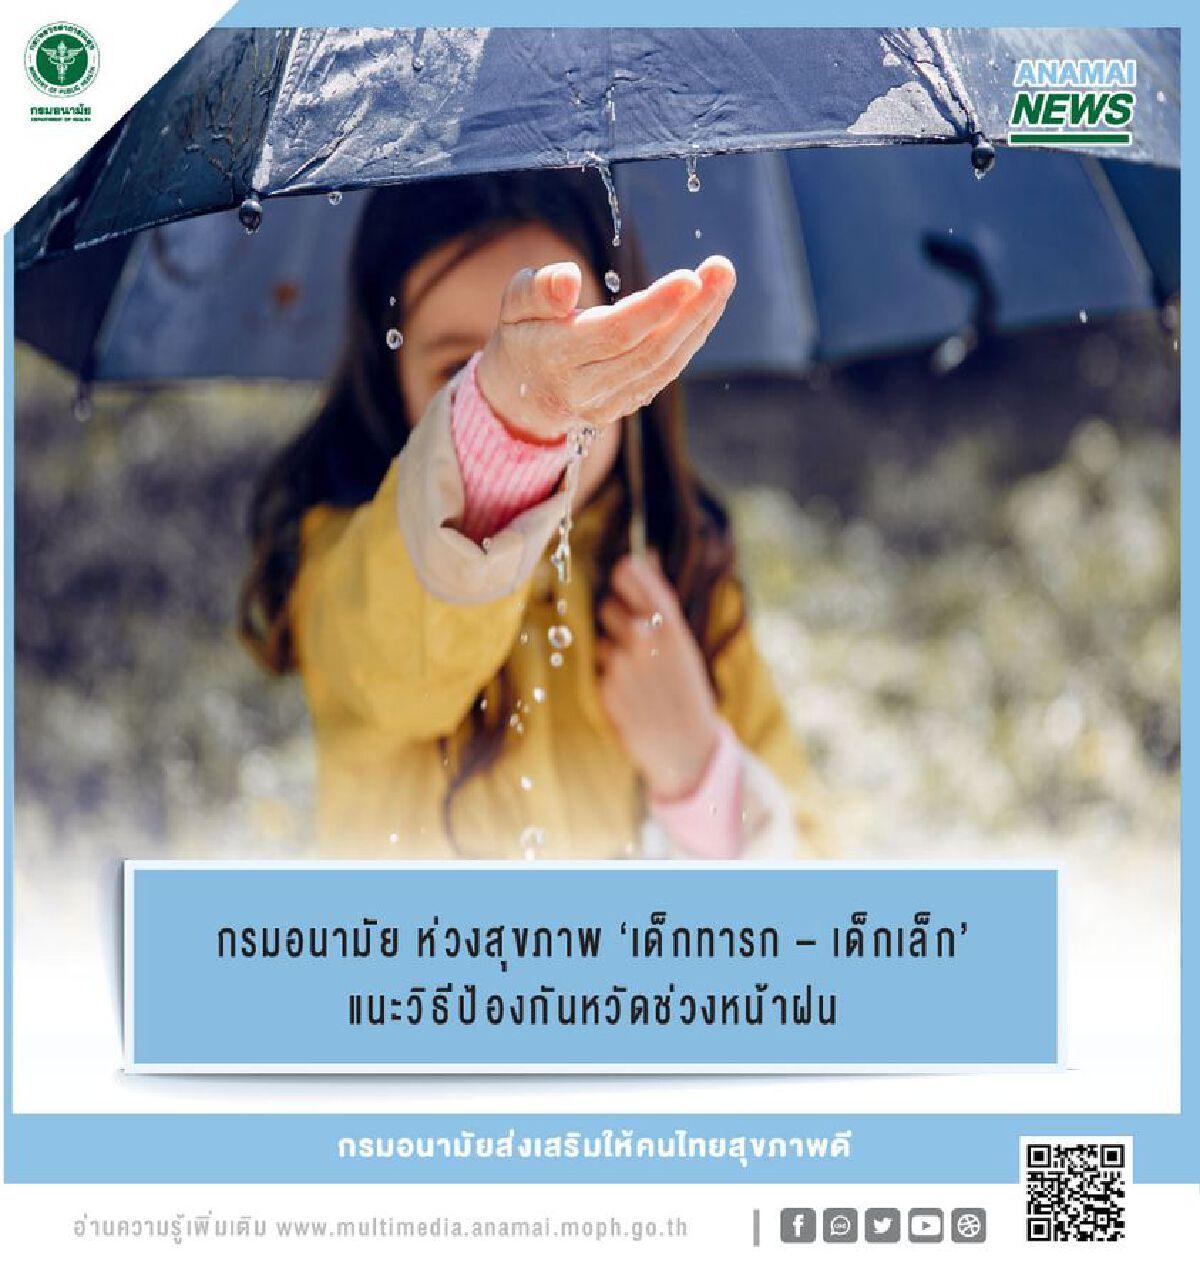 ดูแลเด็กเล็กช่วงหน้าฝน